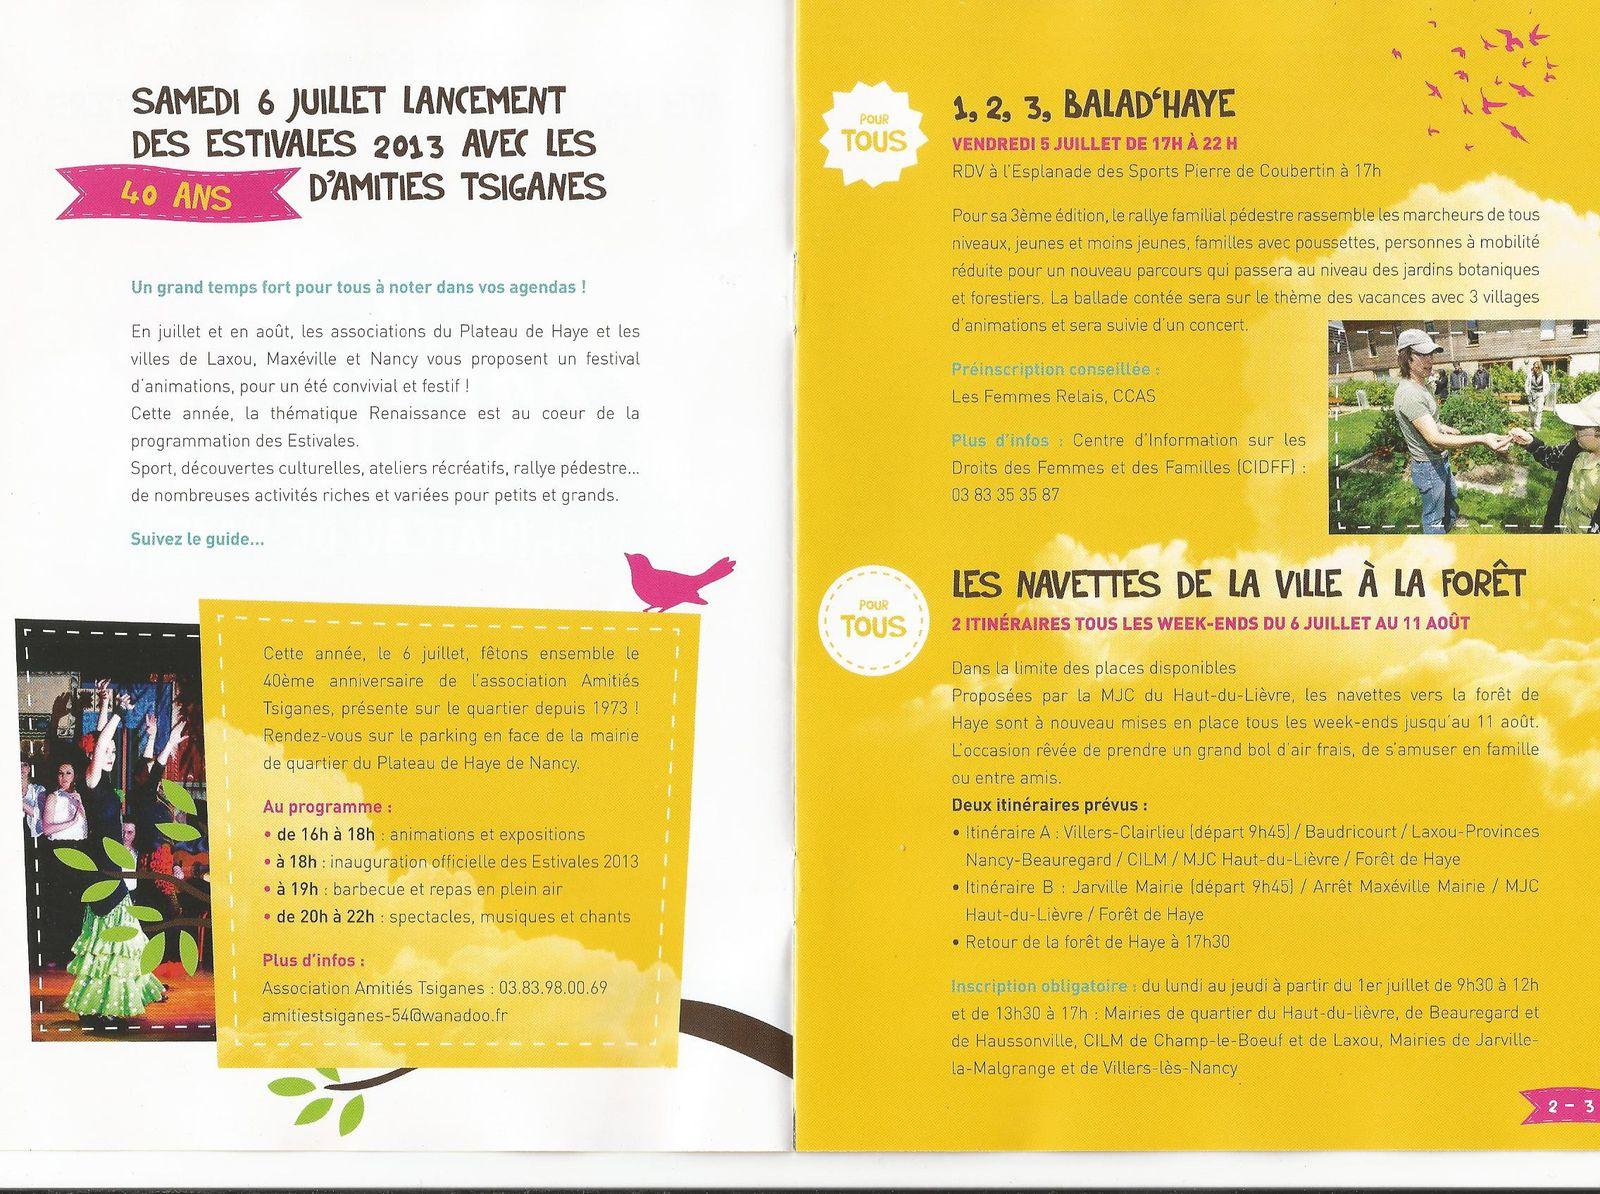 Les Estivales du Plateau de Haye... Quel programme !